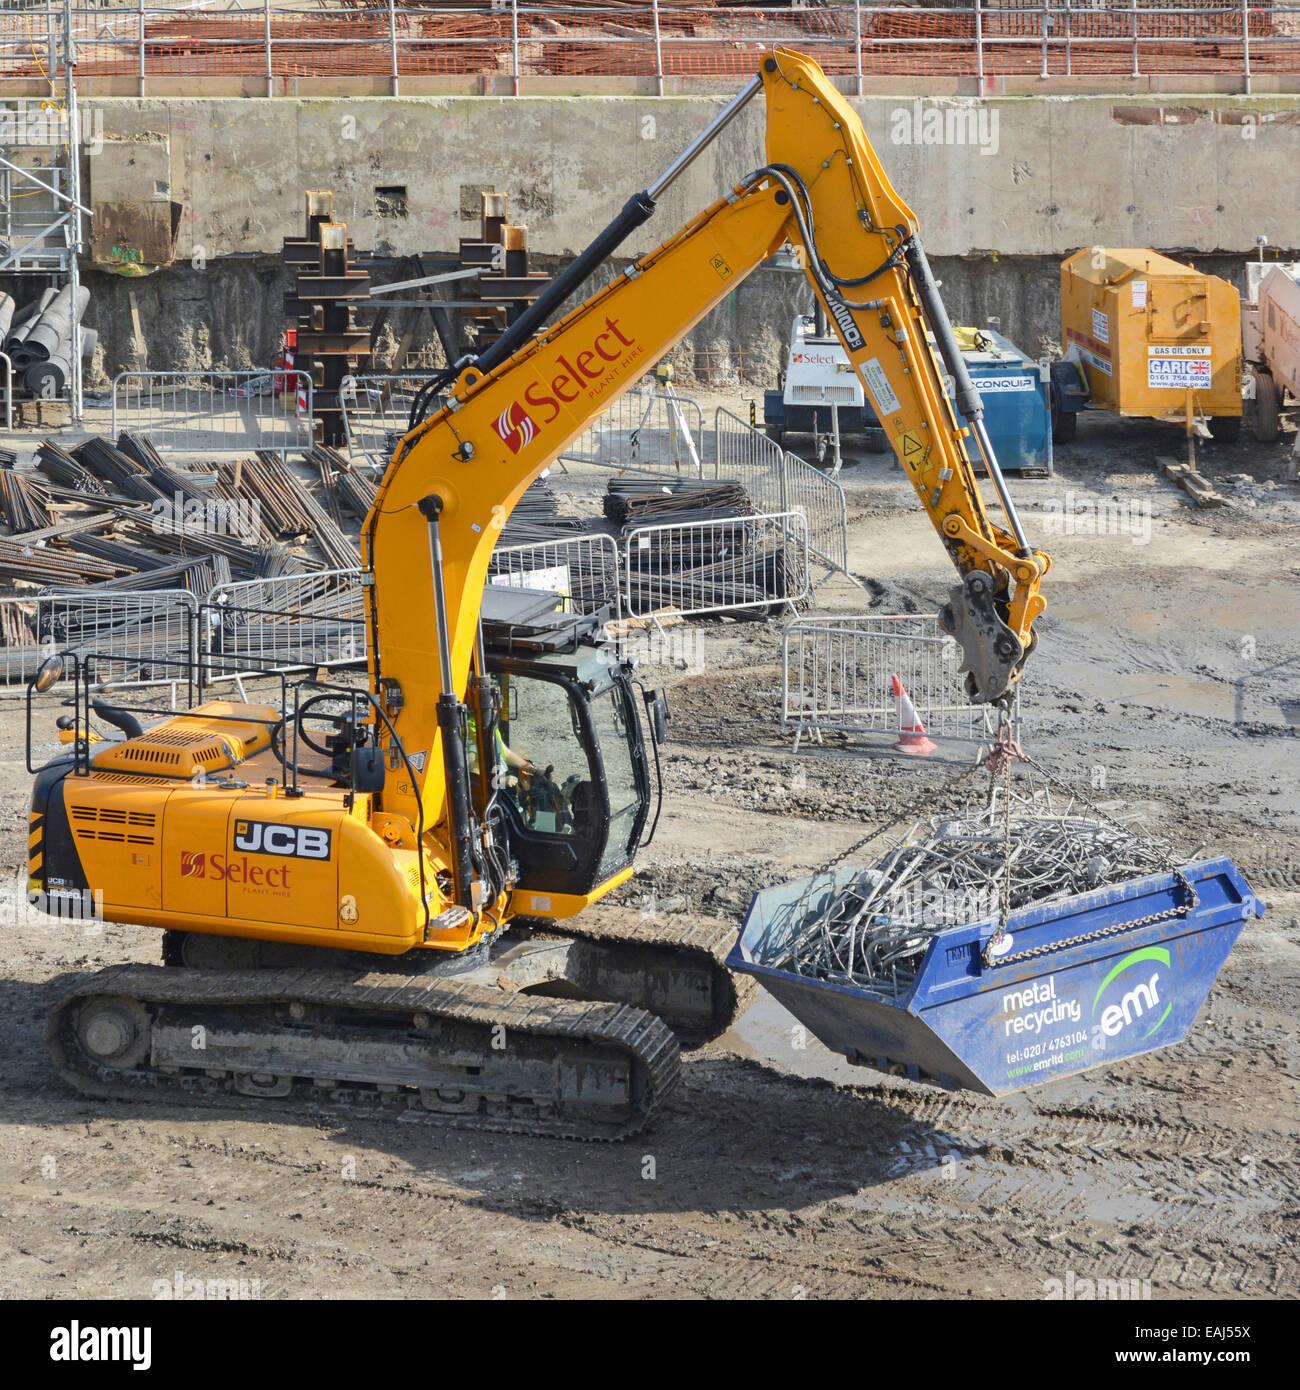 Excavadora JCB digger llevar el reciclaje saltar de las barras de acero a través de sótano sitio en construcción Imagen De Stock